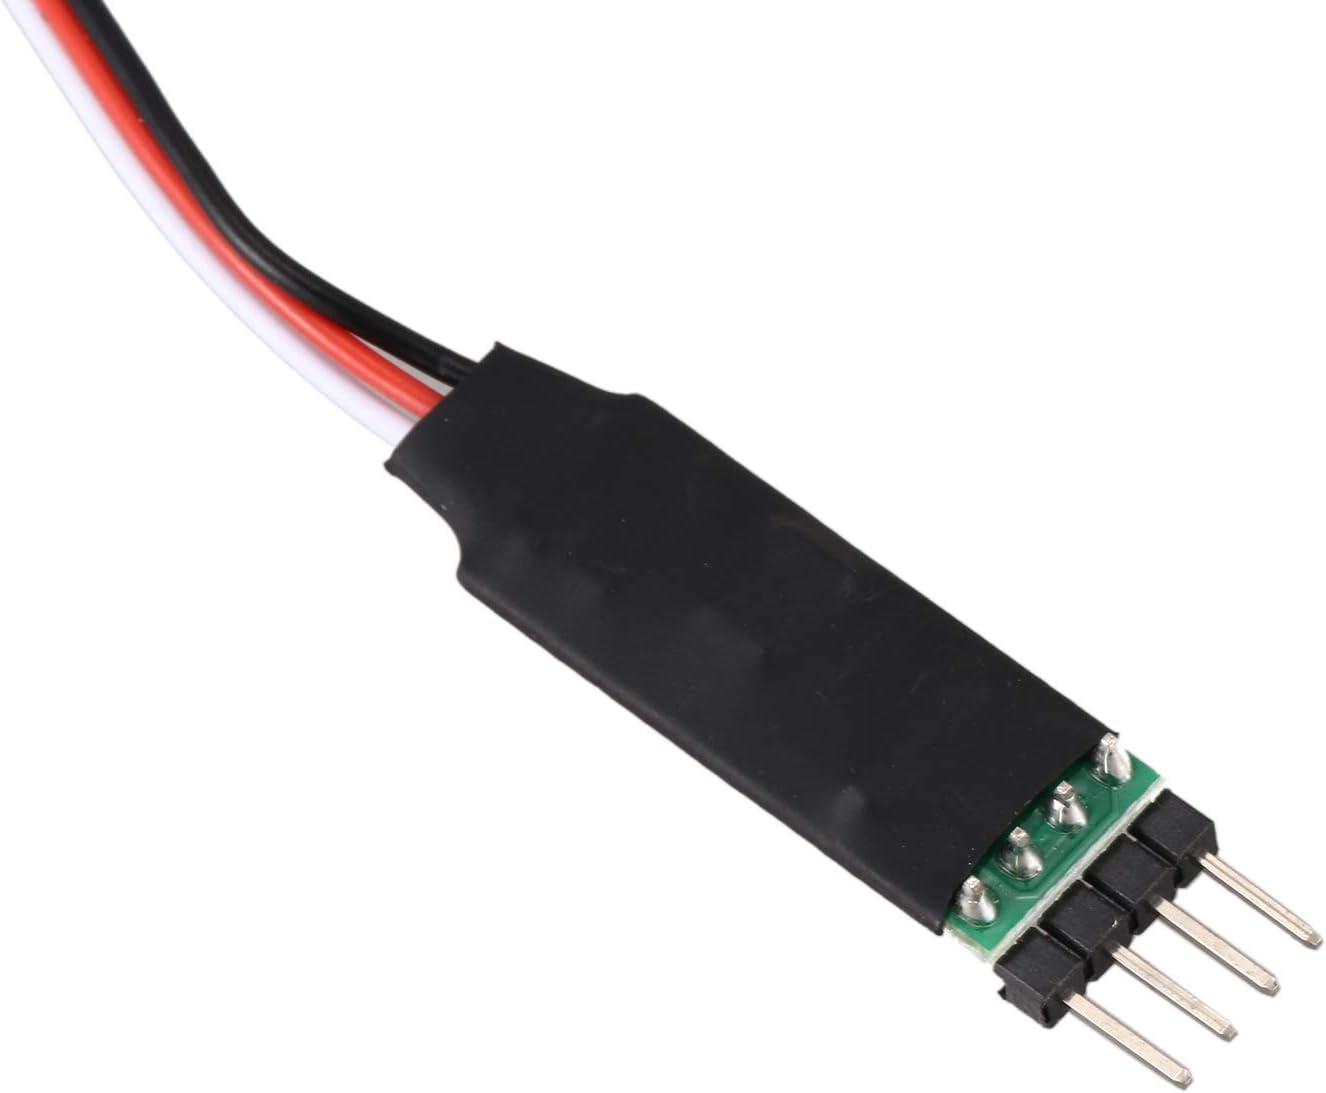 Camisin Syst/èMe de Panneau de Commutateur de Commande de Lumi/èRe de Lampe LED Allumer /éTeindre 3CH pour LAcc/èS Aux Pi/èCes de Mod/èle de V/éHicule de Voiture T/éL/éCommand/é